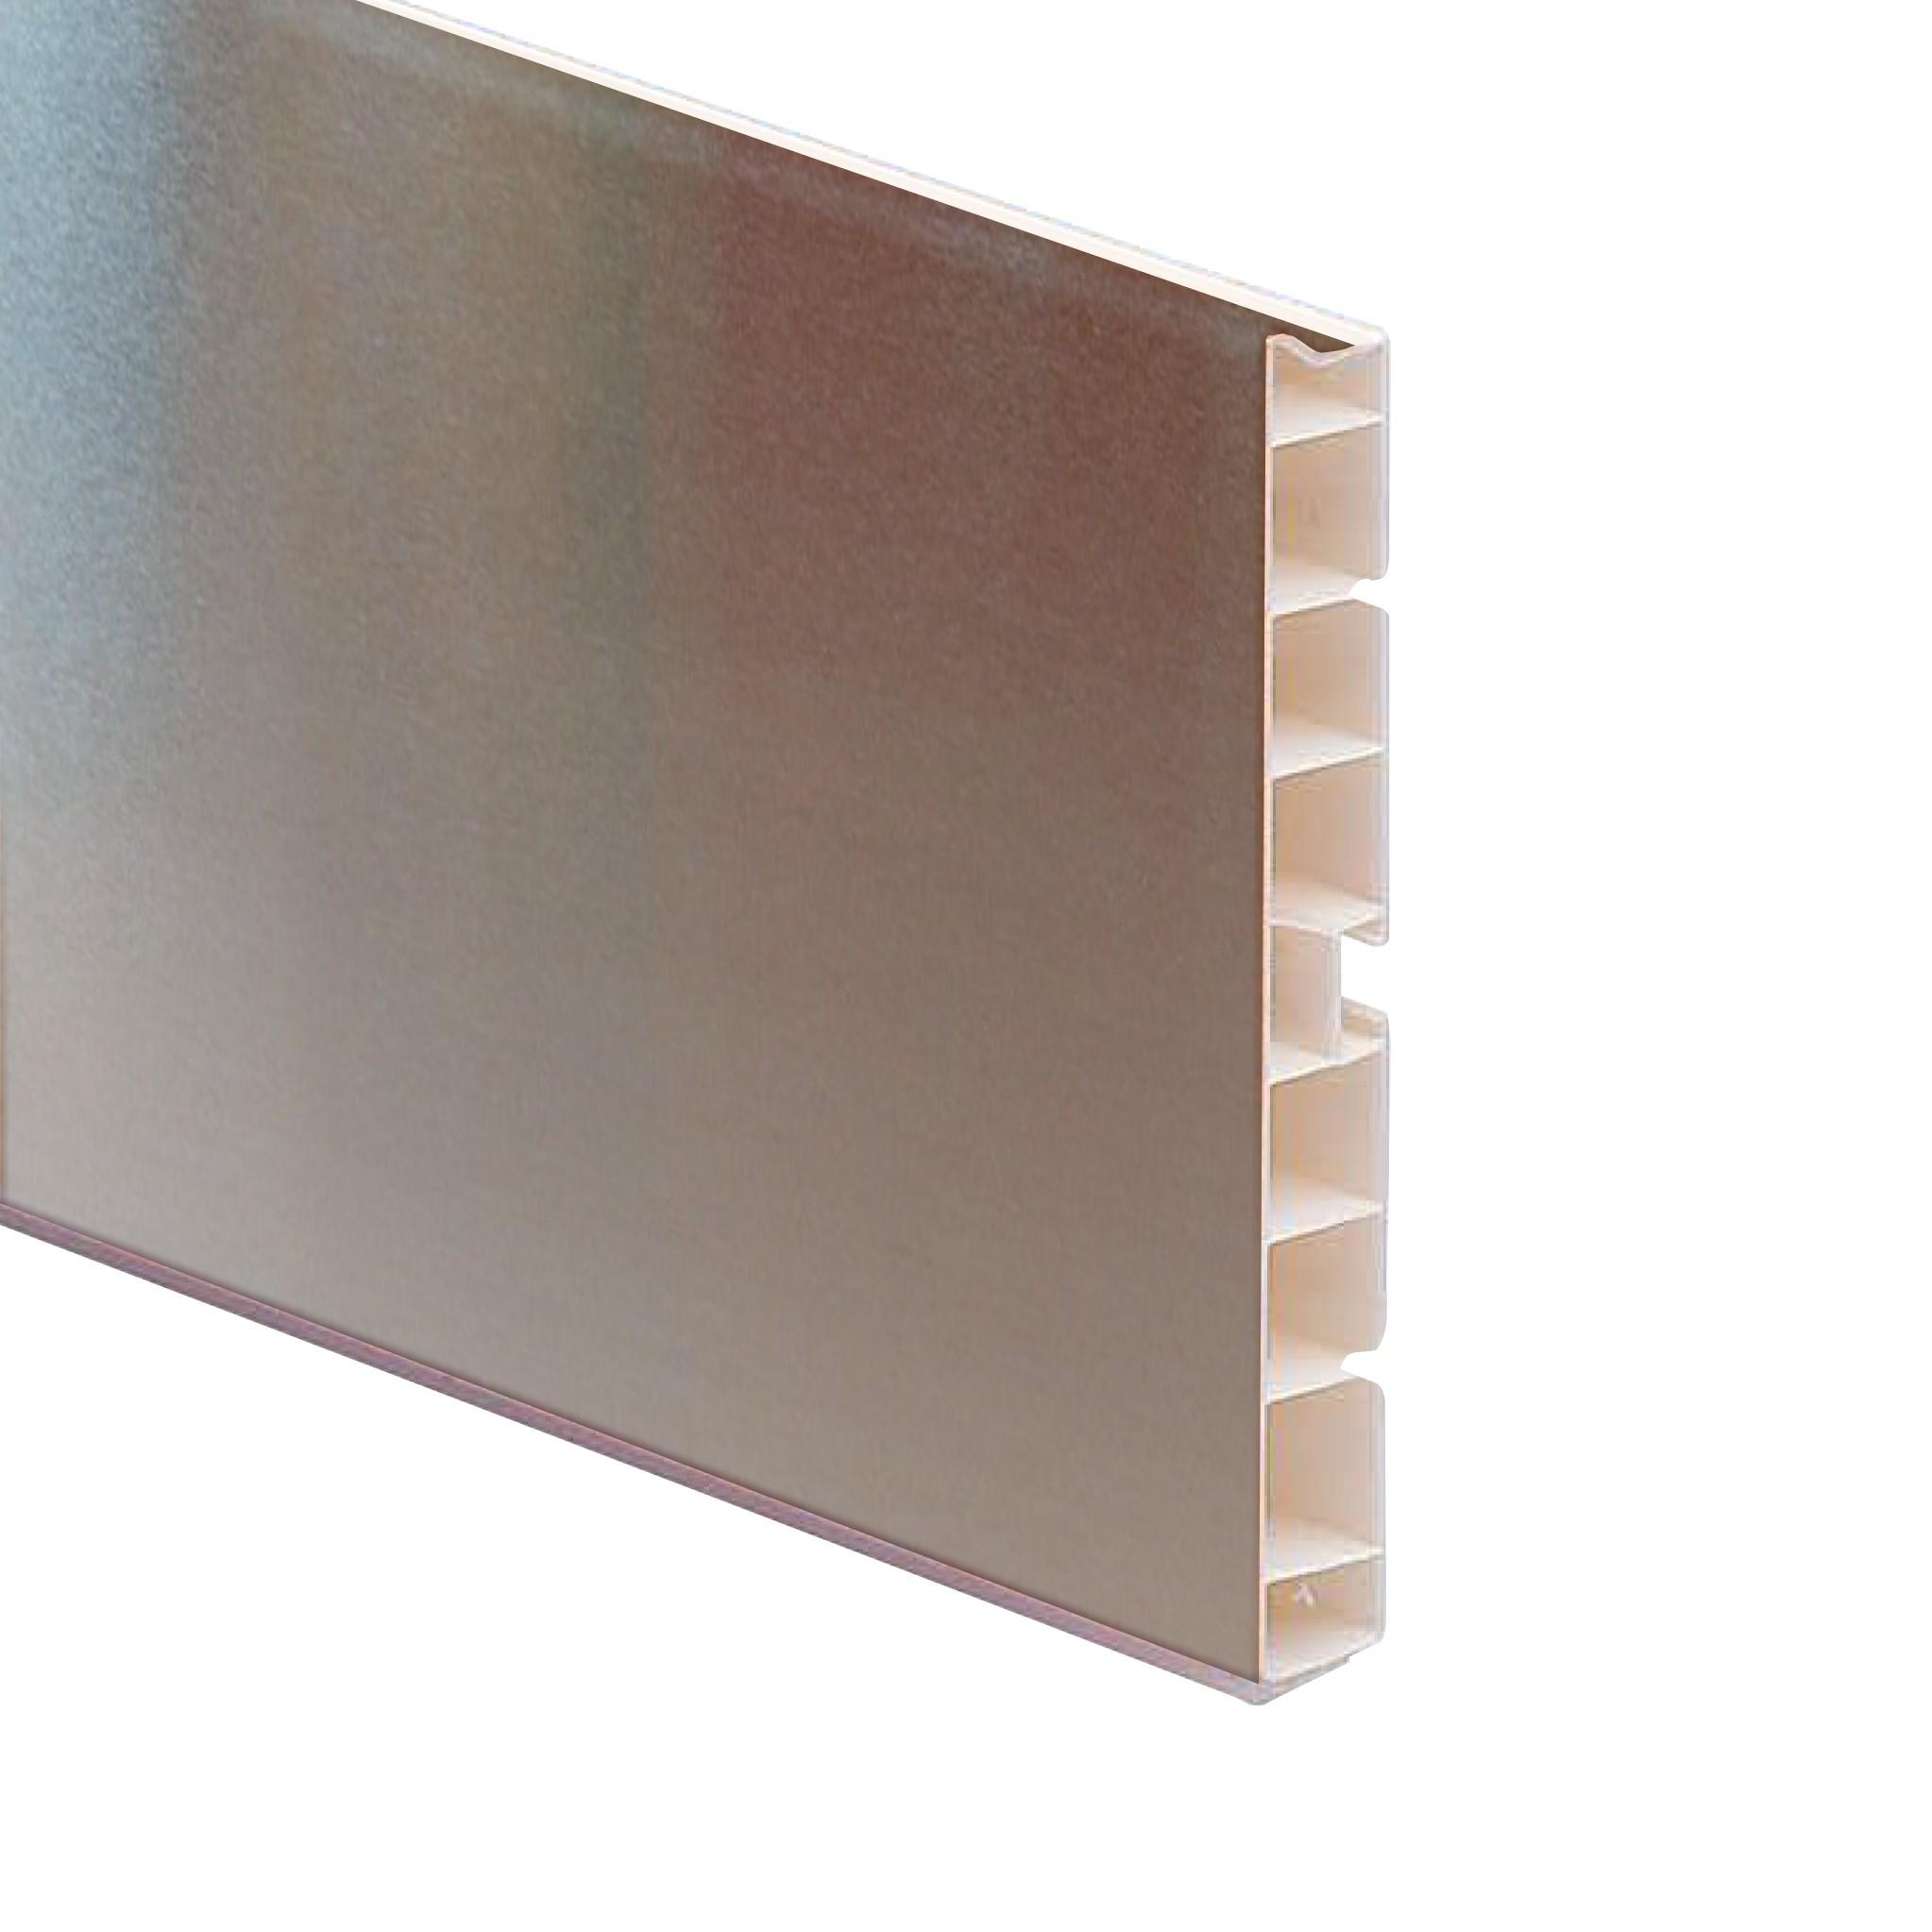 Zoccolo cucina in pvc riv alluminio h 15 cm shop - Zoccolo cucina 12 cm ...